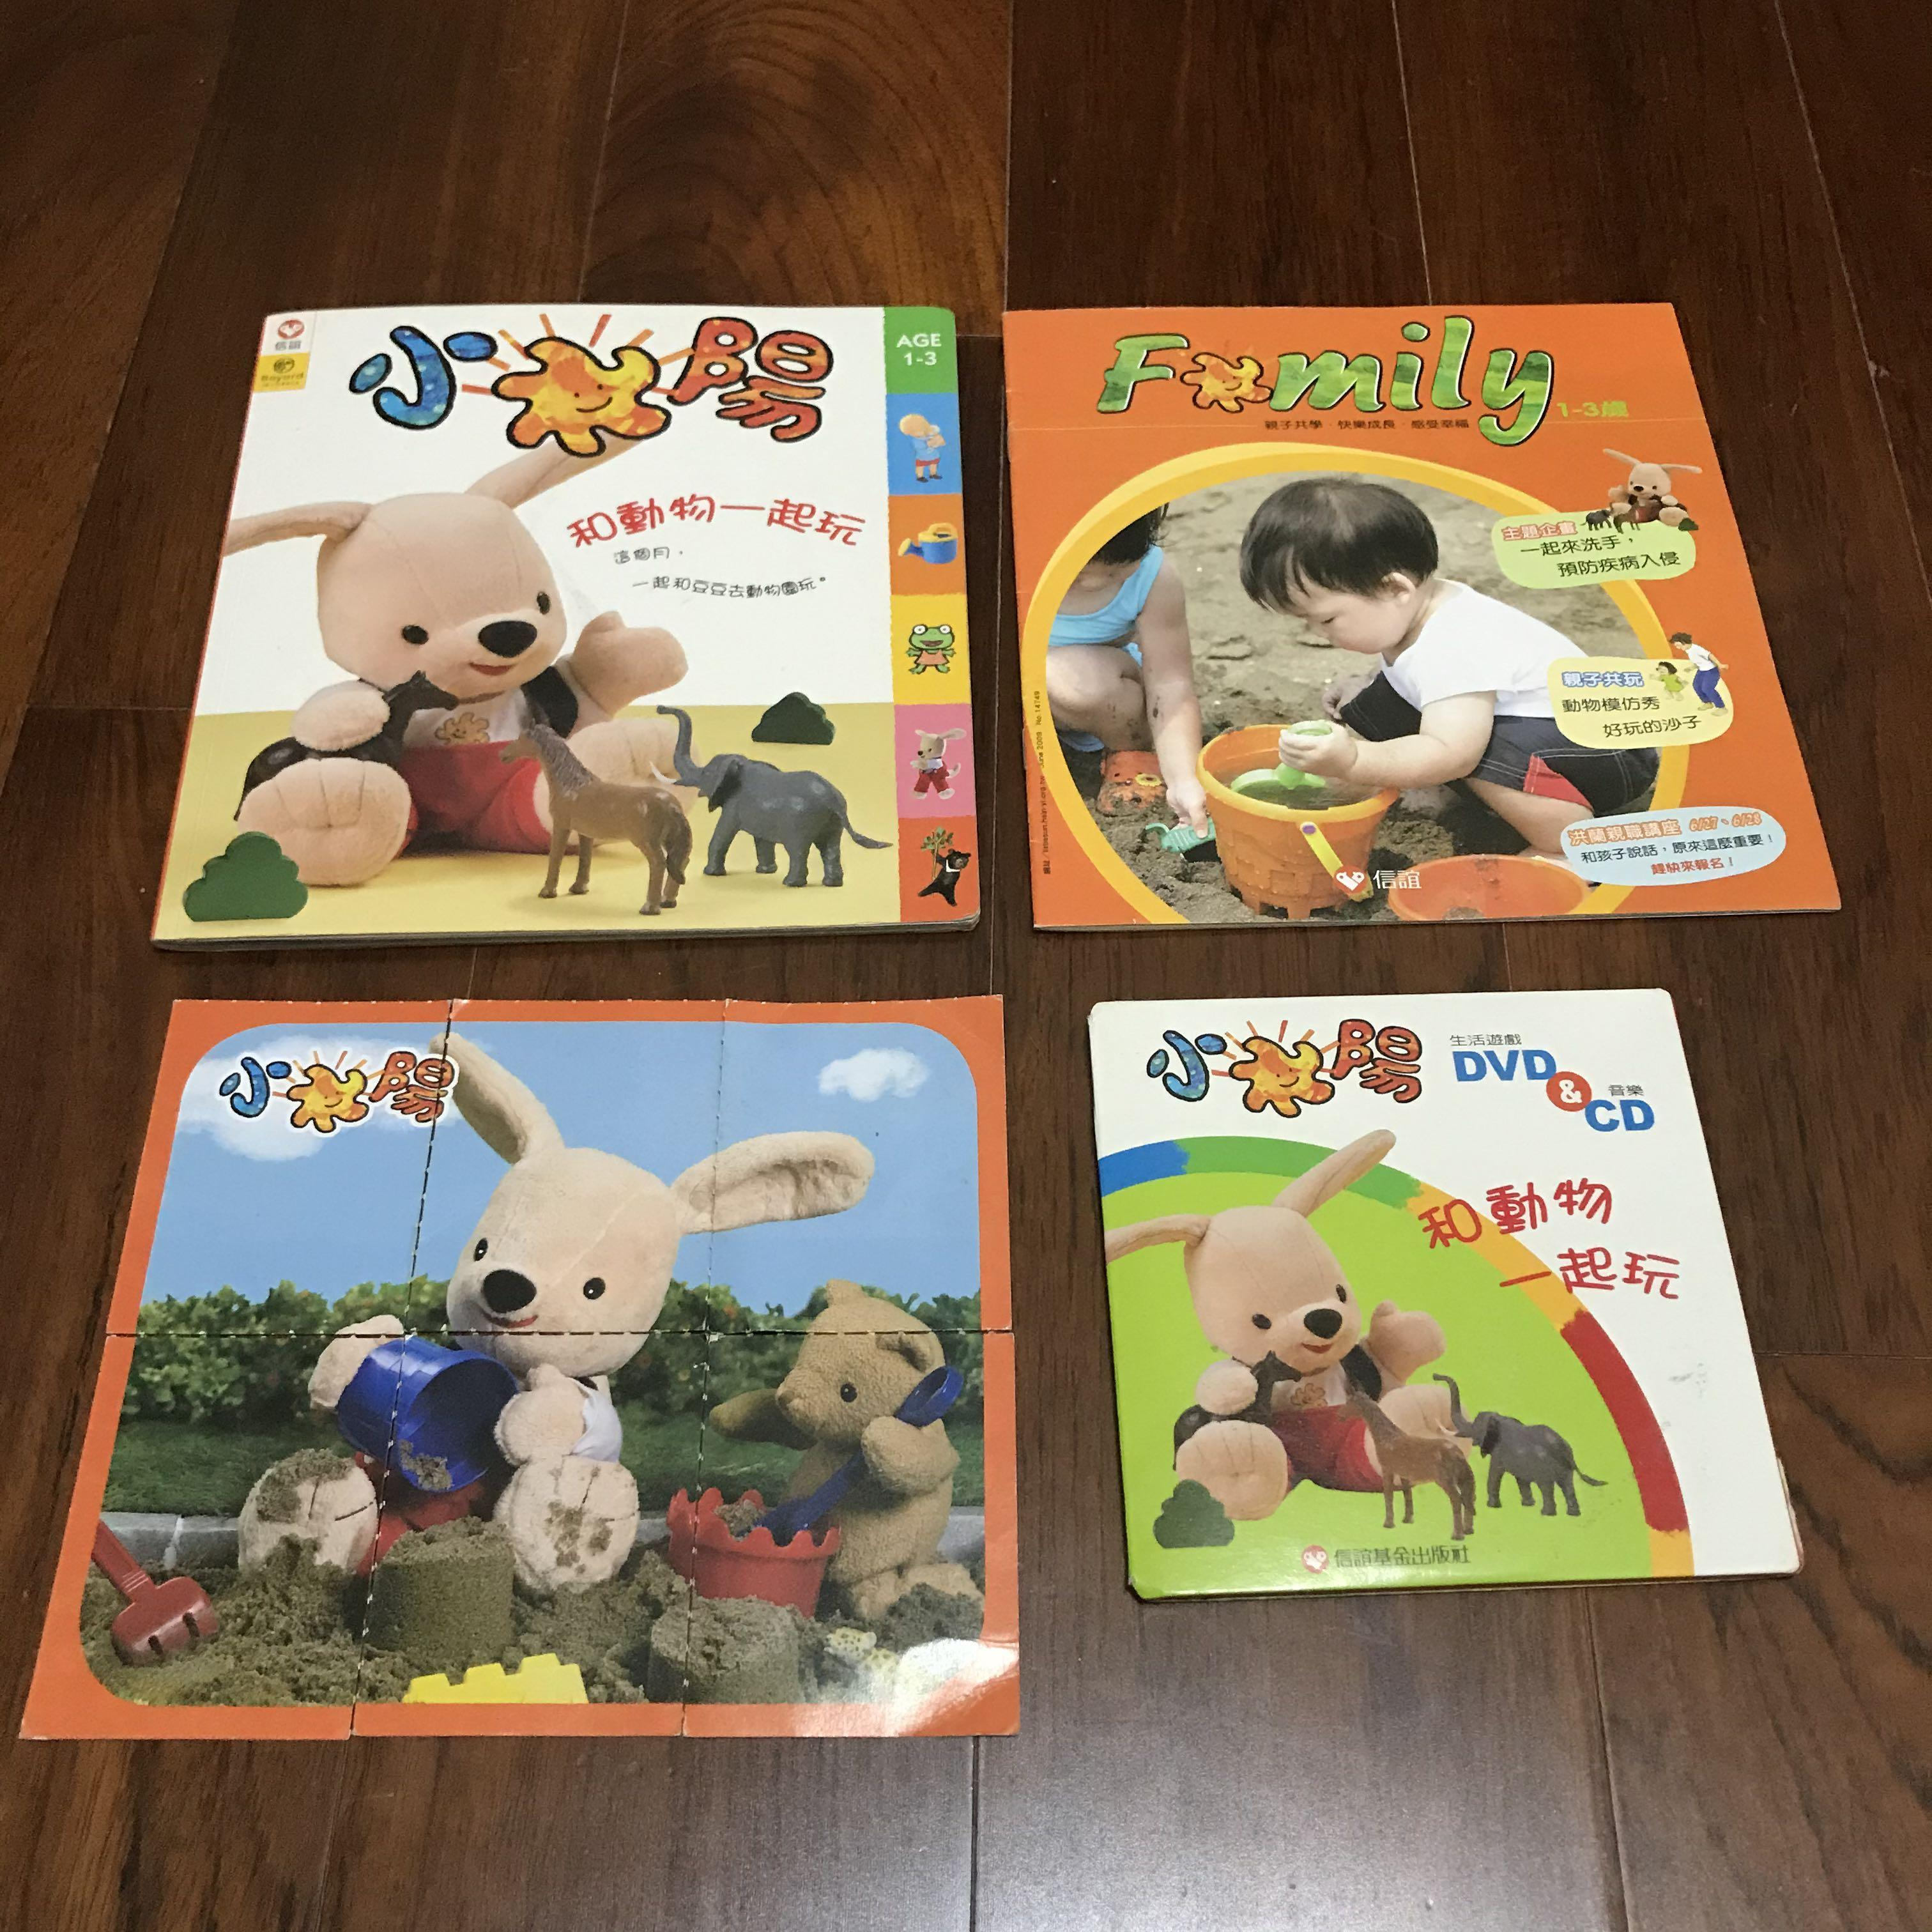 信誼小太陽 1-3歲幼兒雜誌/DVD/CD/字卡/導讀手冊